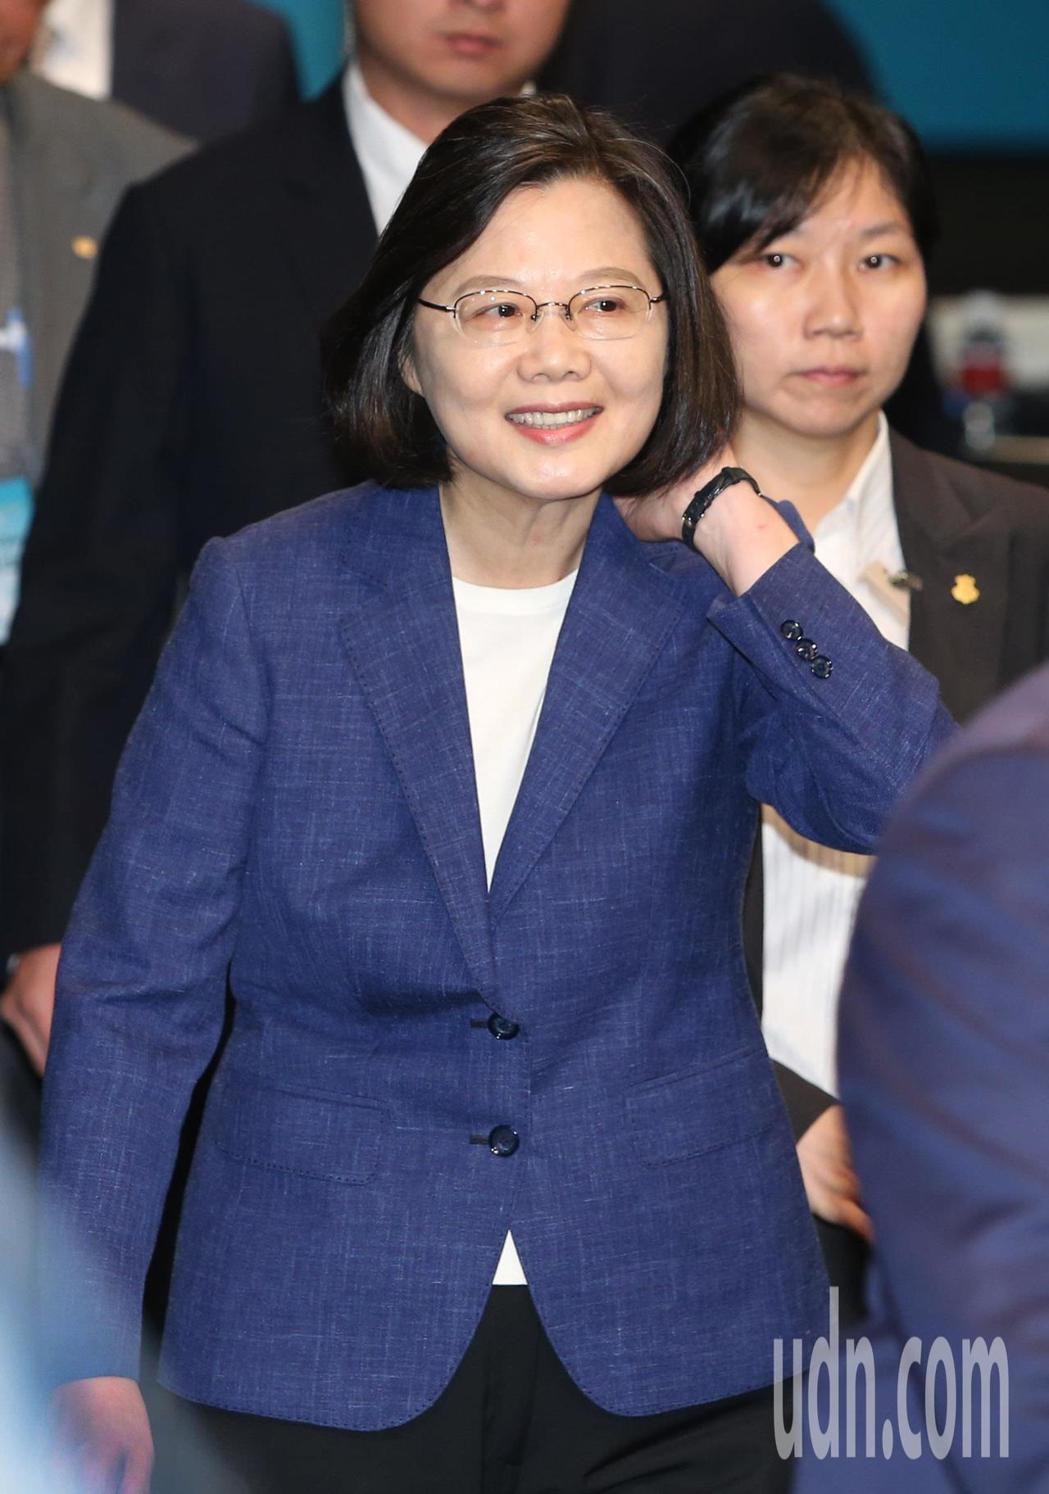 財團法人兩岸交流遠景基金會在台北君悅酒店舉行「2019凱達格蘭論壇:亞太安全對話...